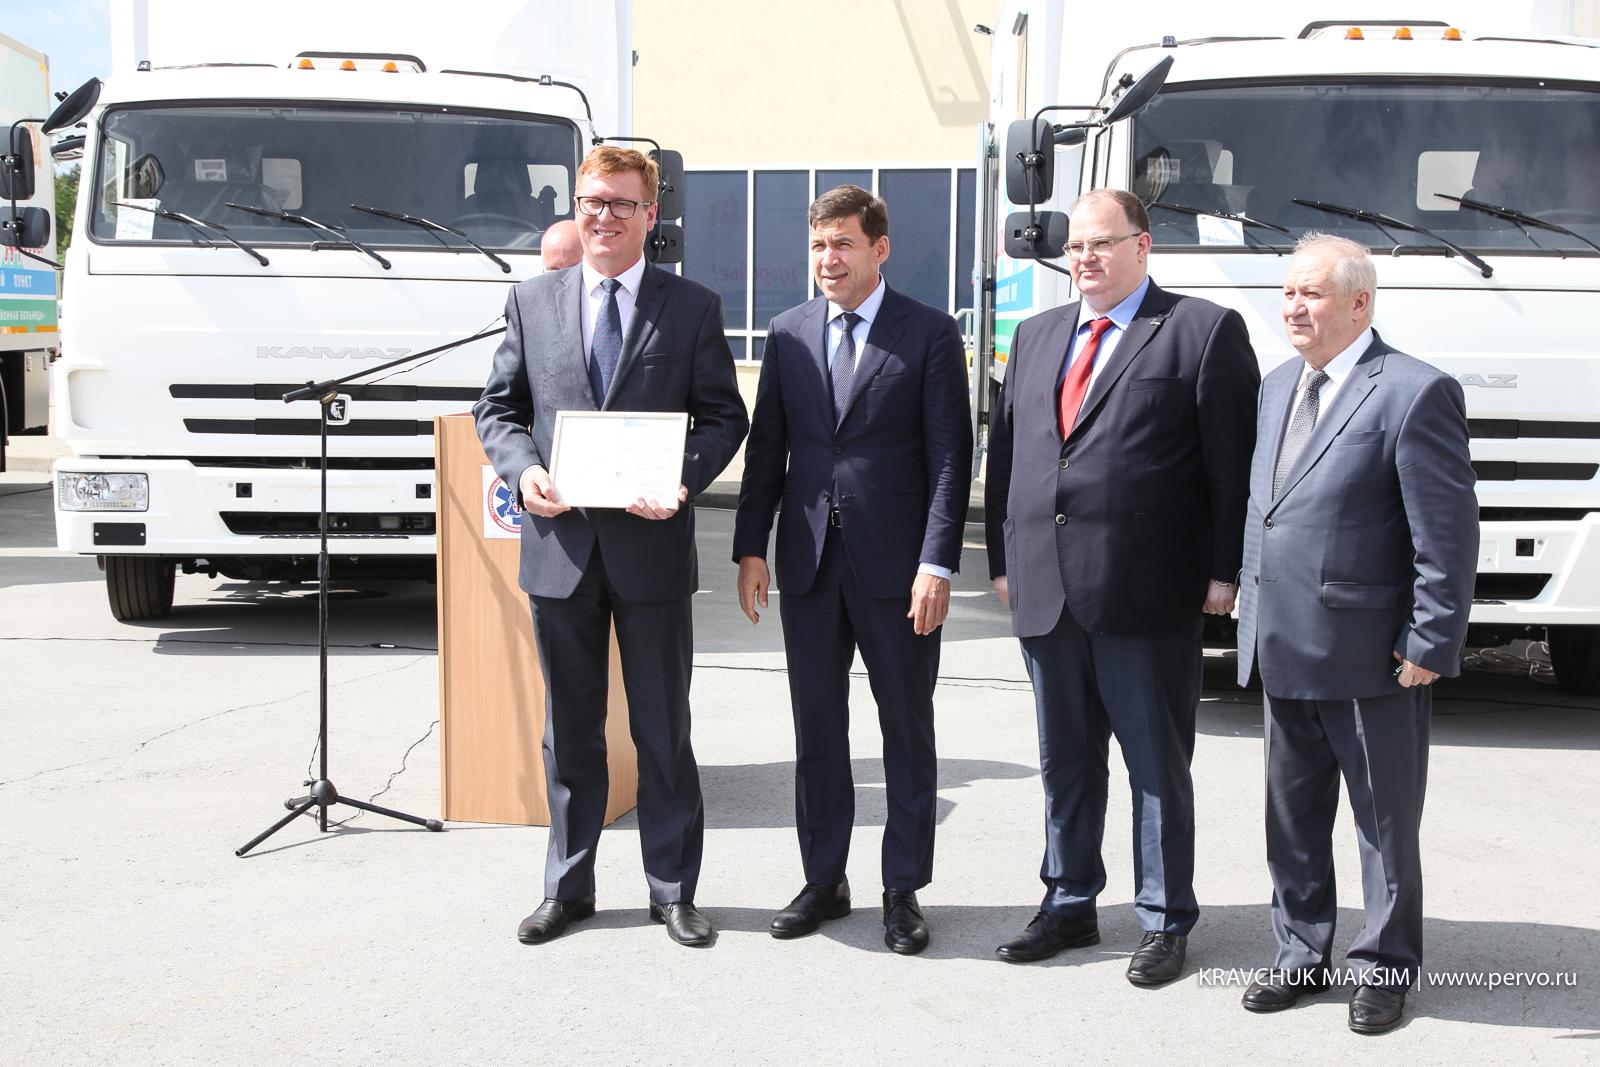 Первоуральск получил новый передвижной фельдшерско-акушерский пункт